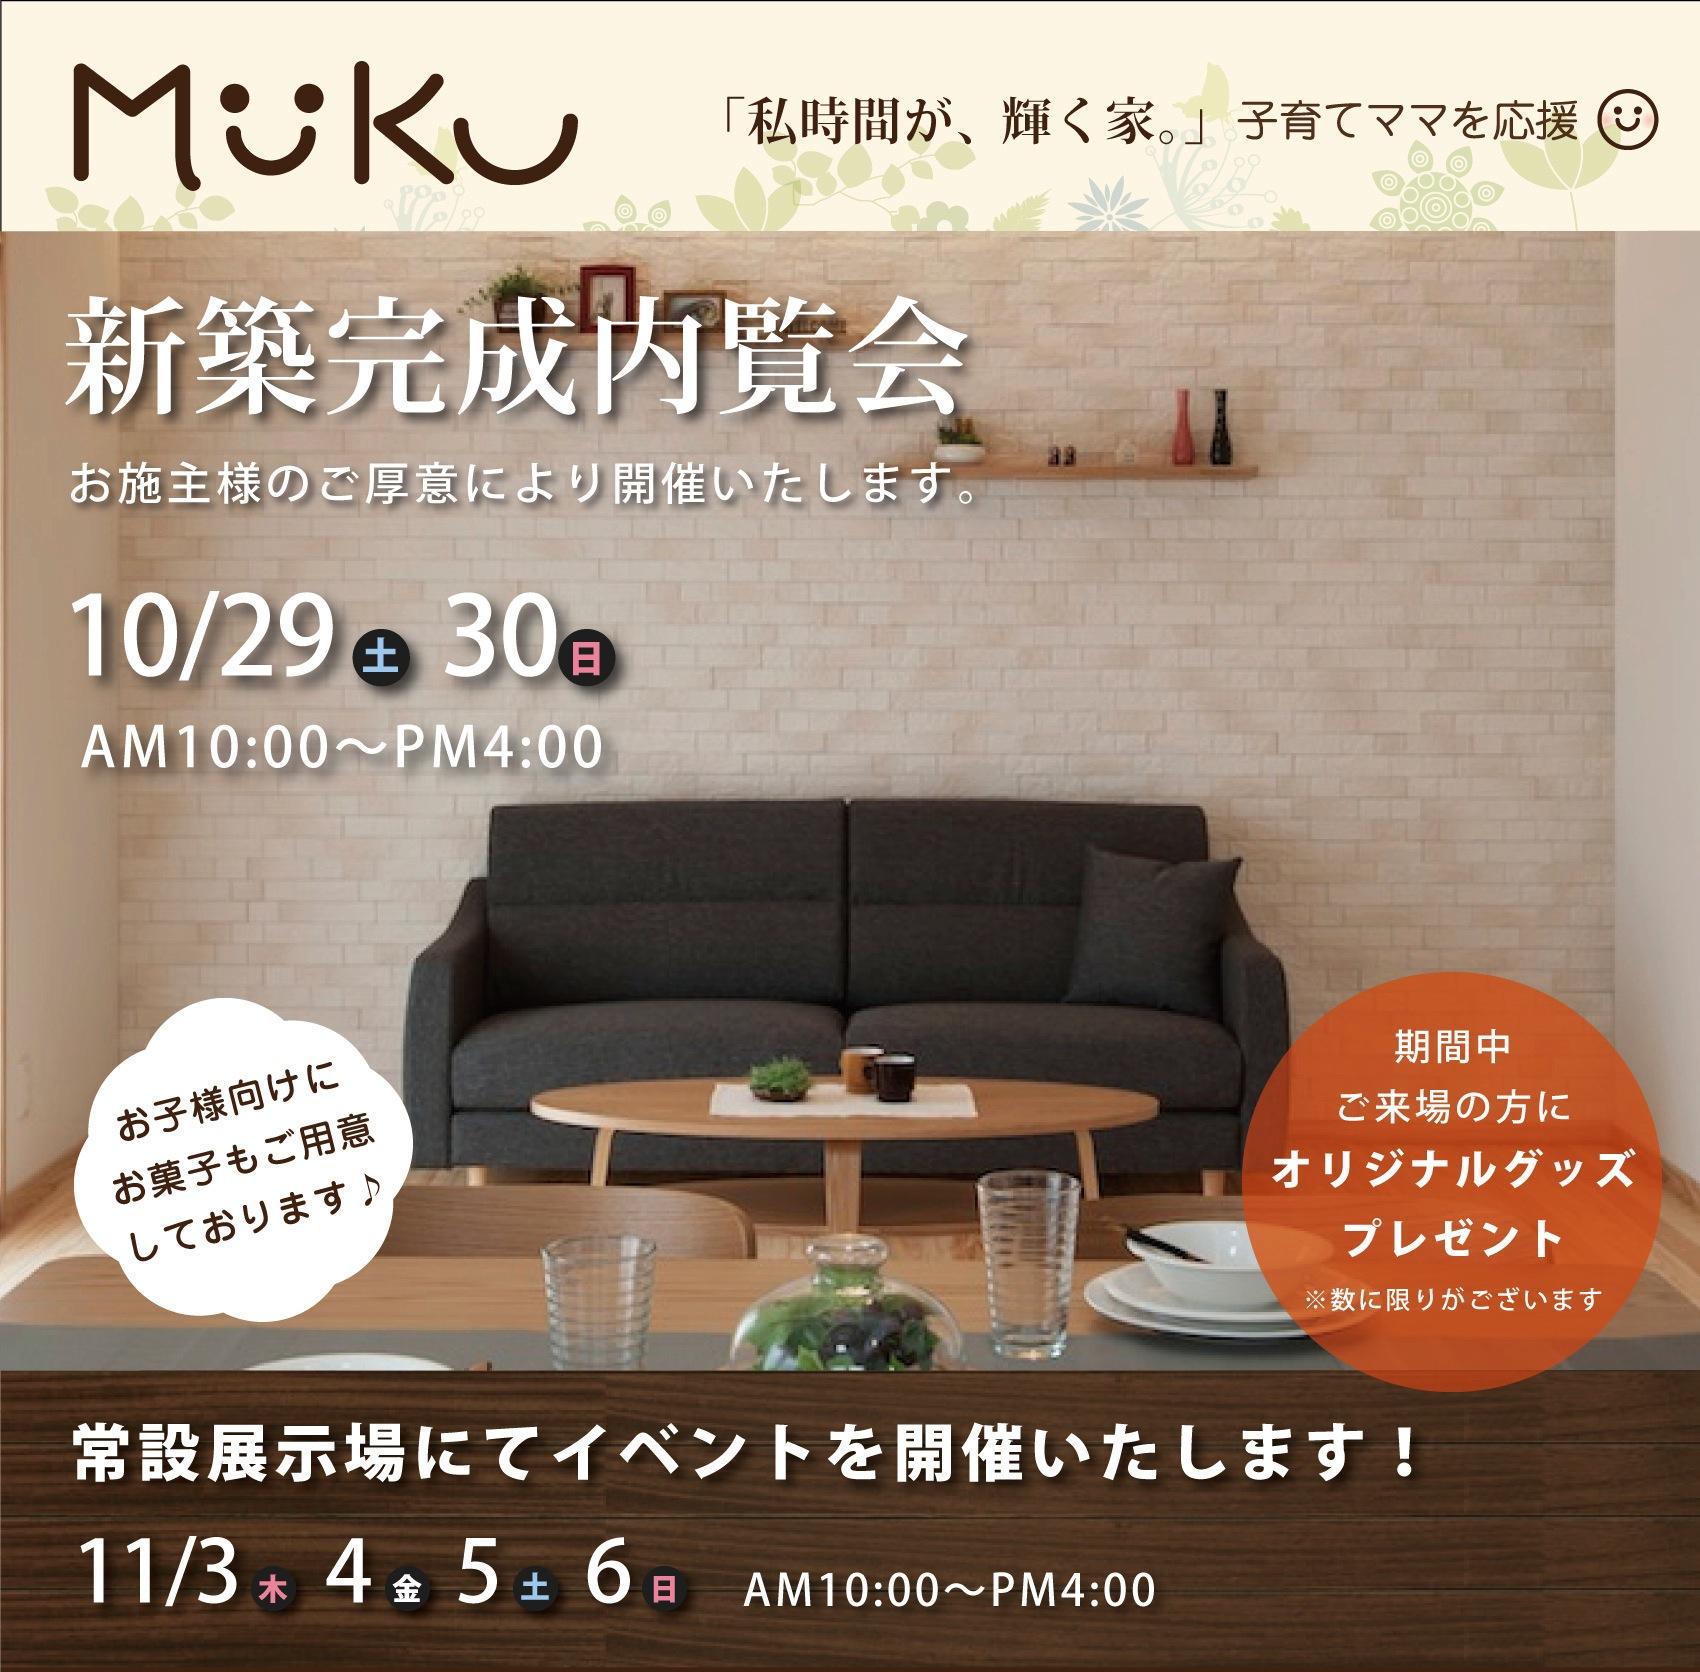 新築完成内覧会(10/29・30)&展示場イベント開催(11/3〜):画像